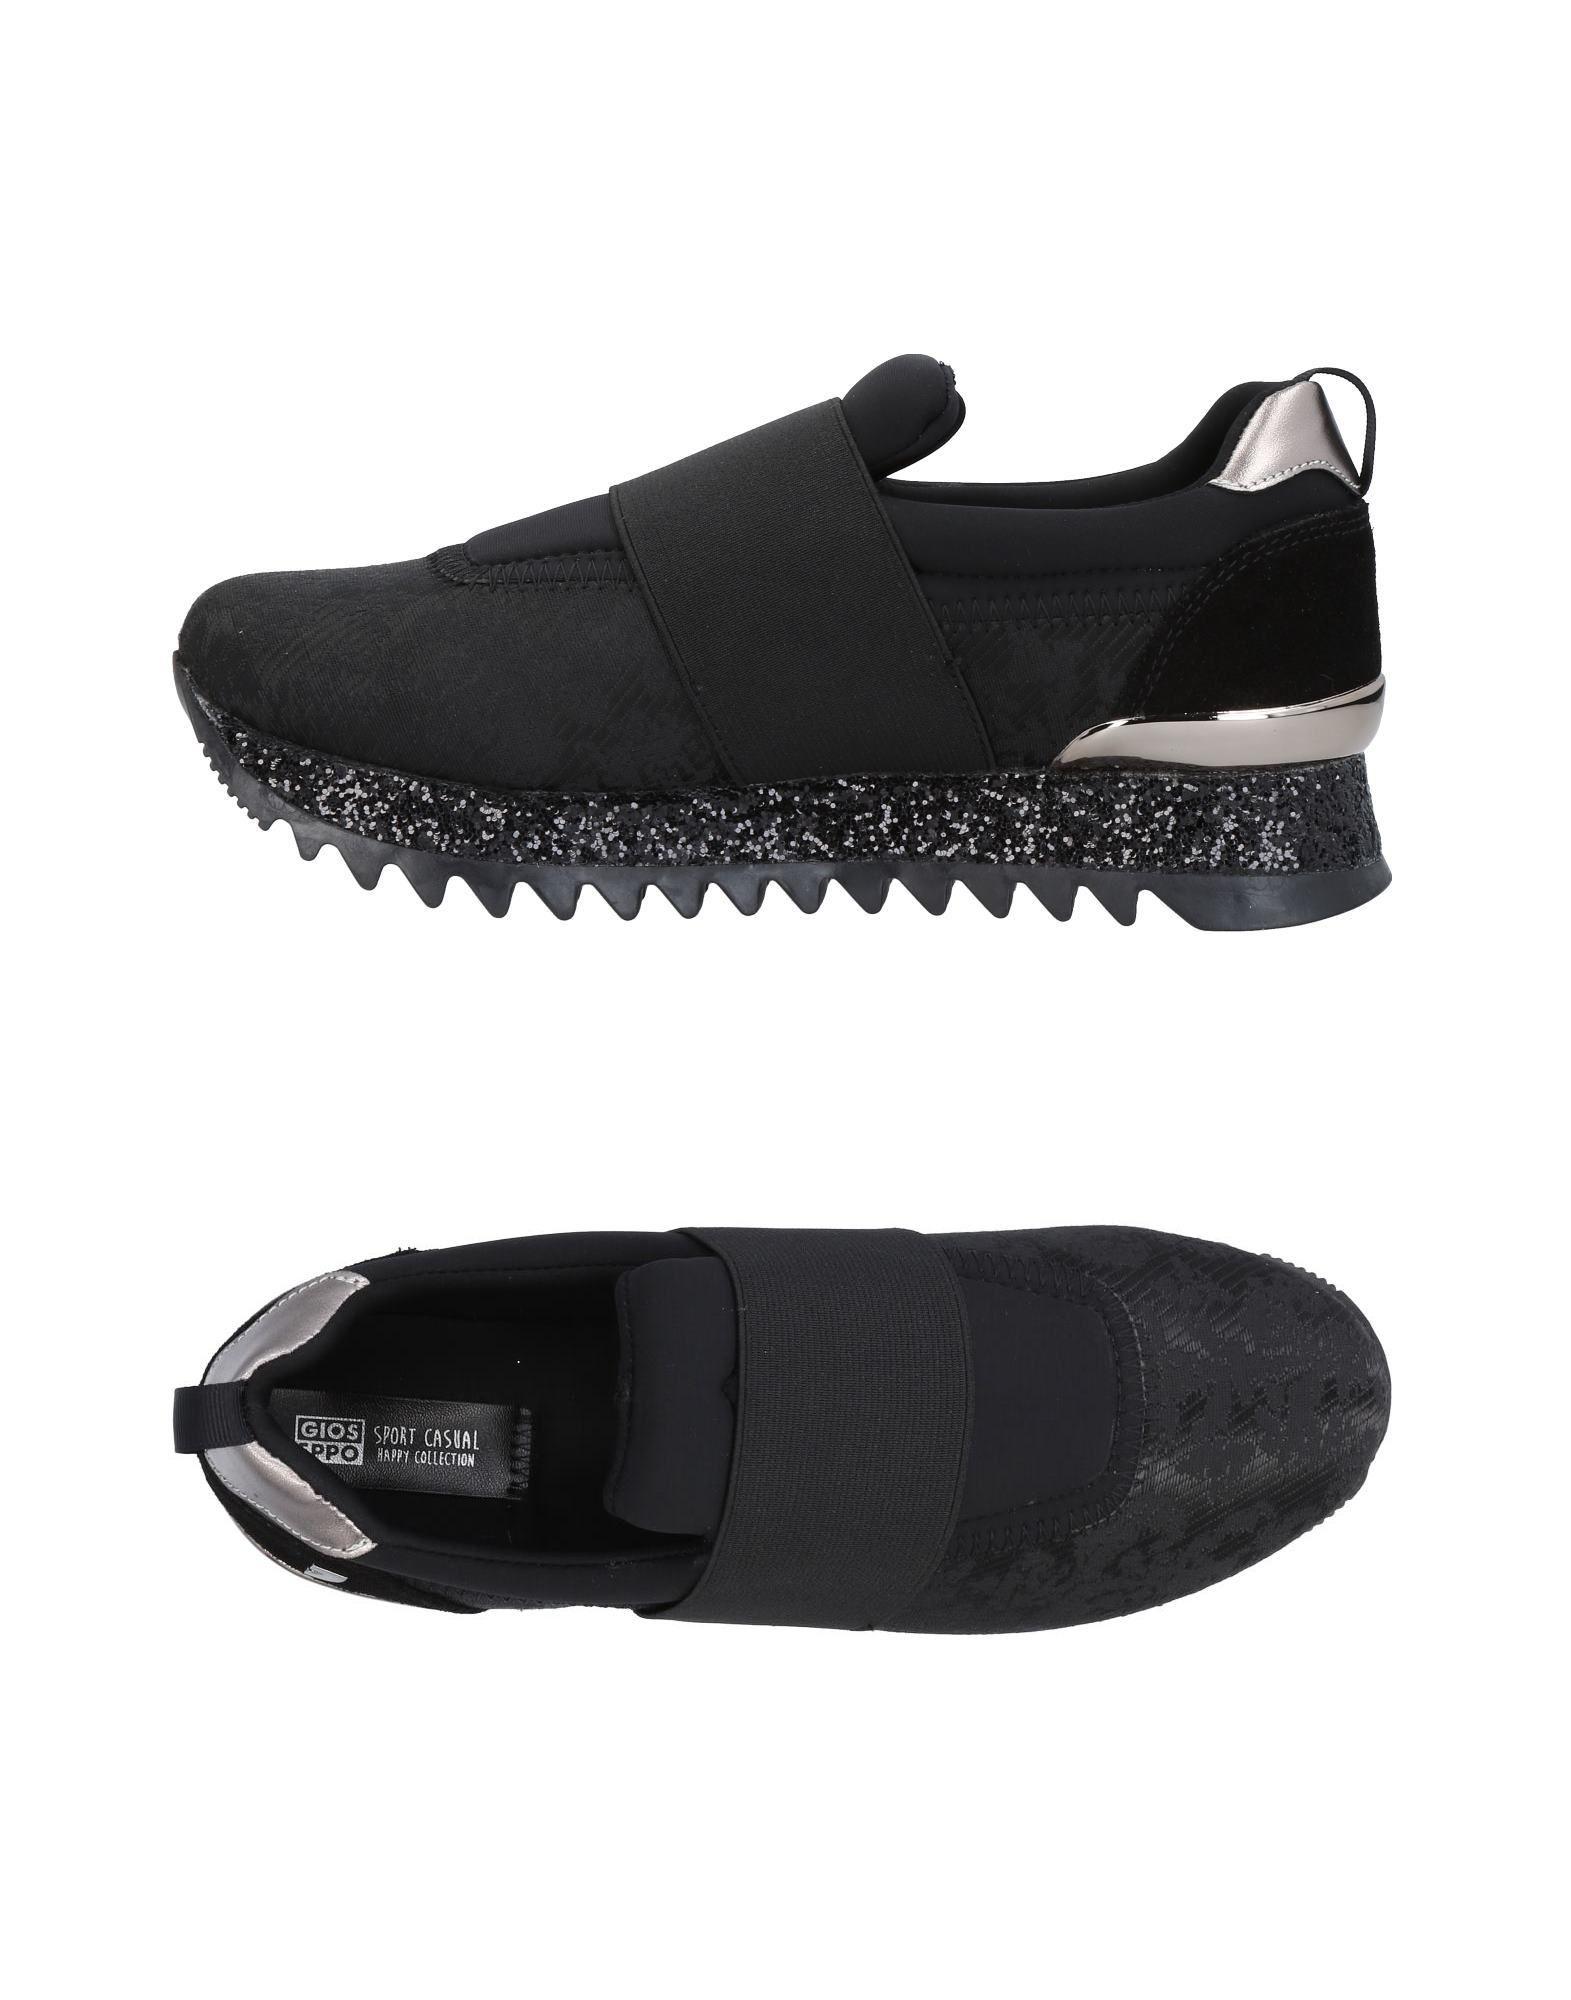 Sneakers Gioseppo Donna comode - 11460741IA Scarpe comode Donna e distintive 2e6c94